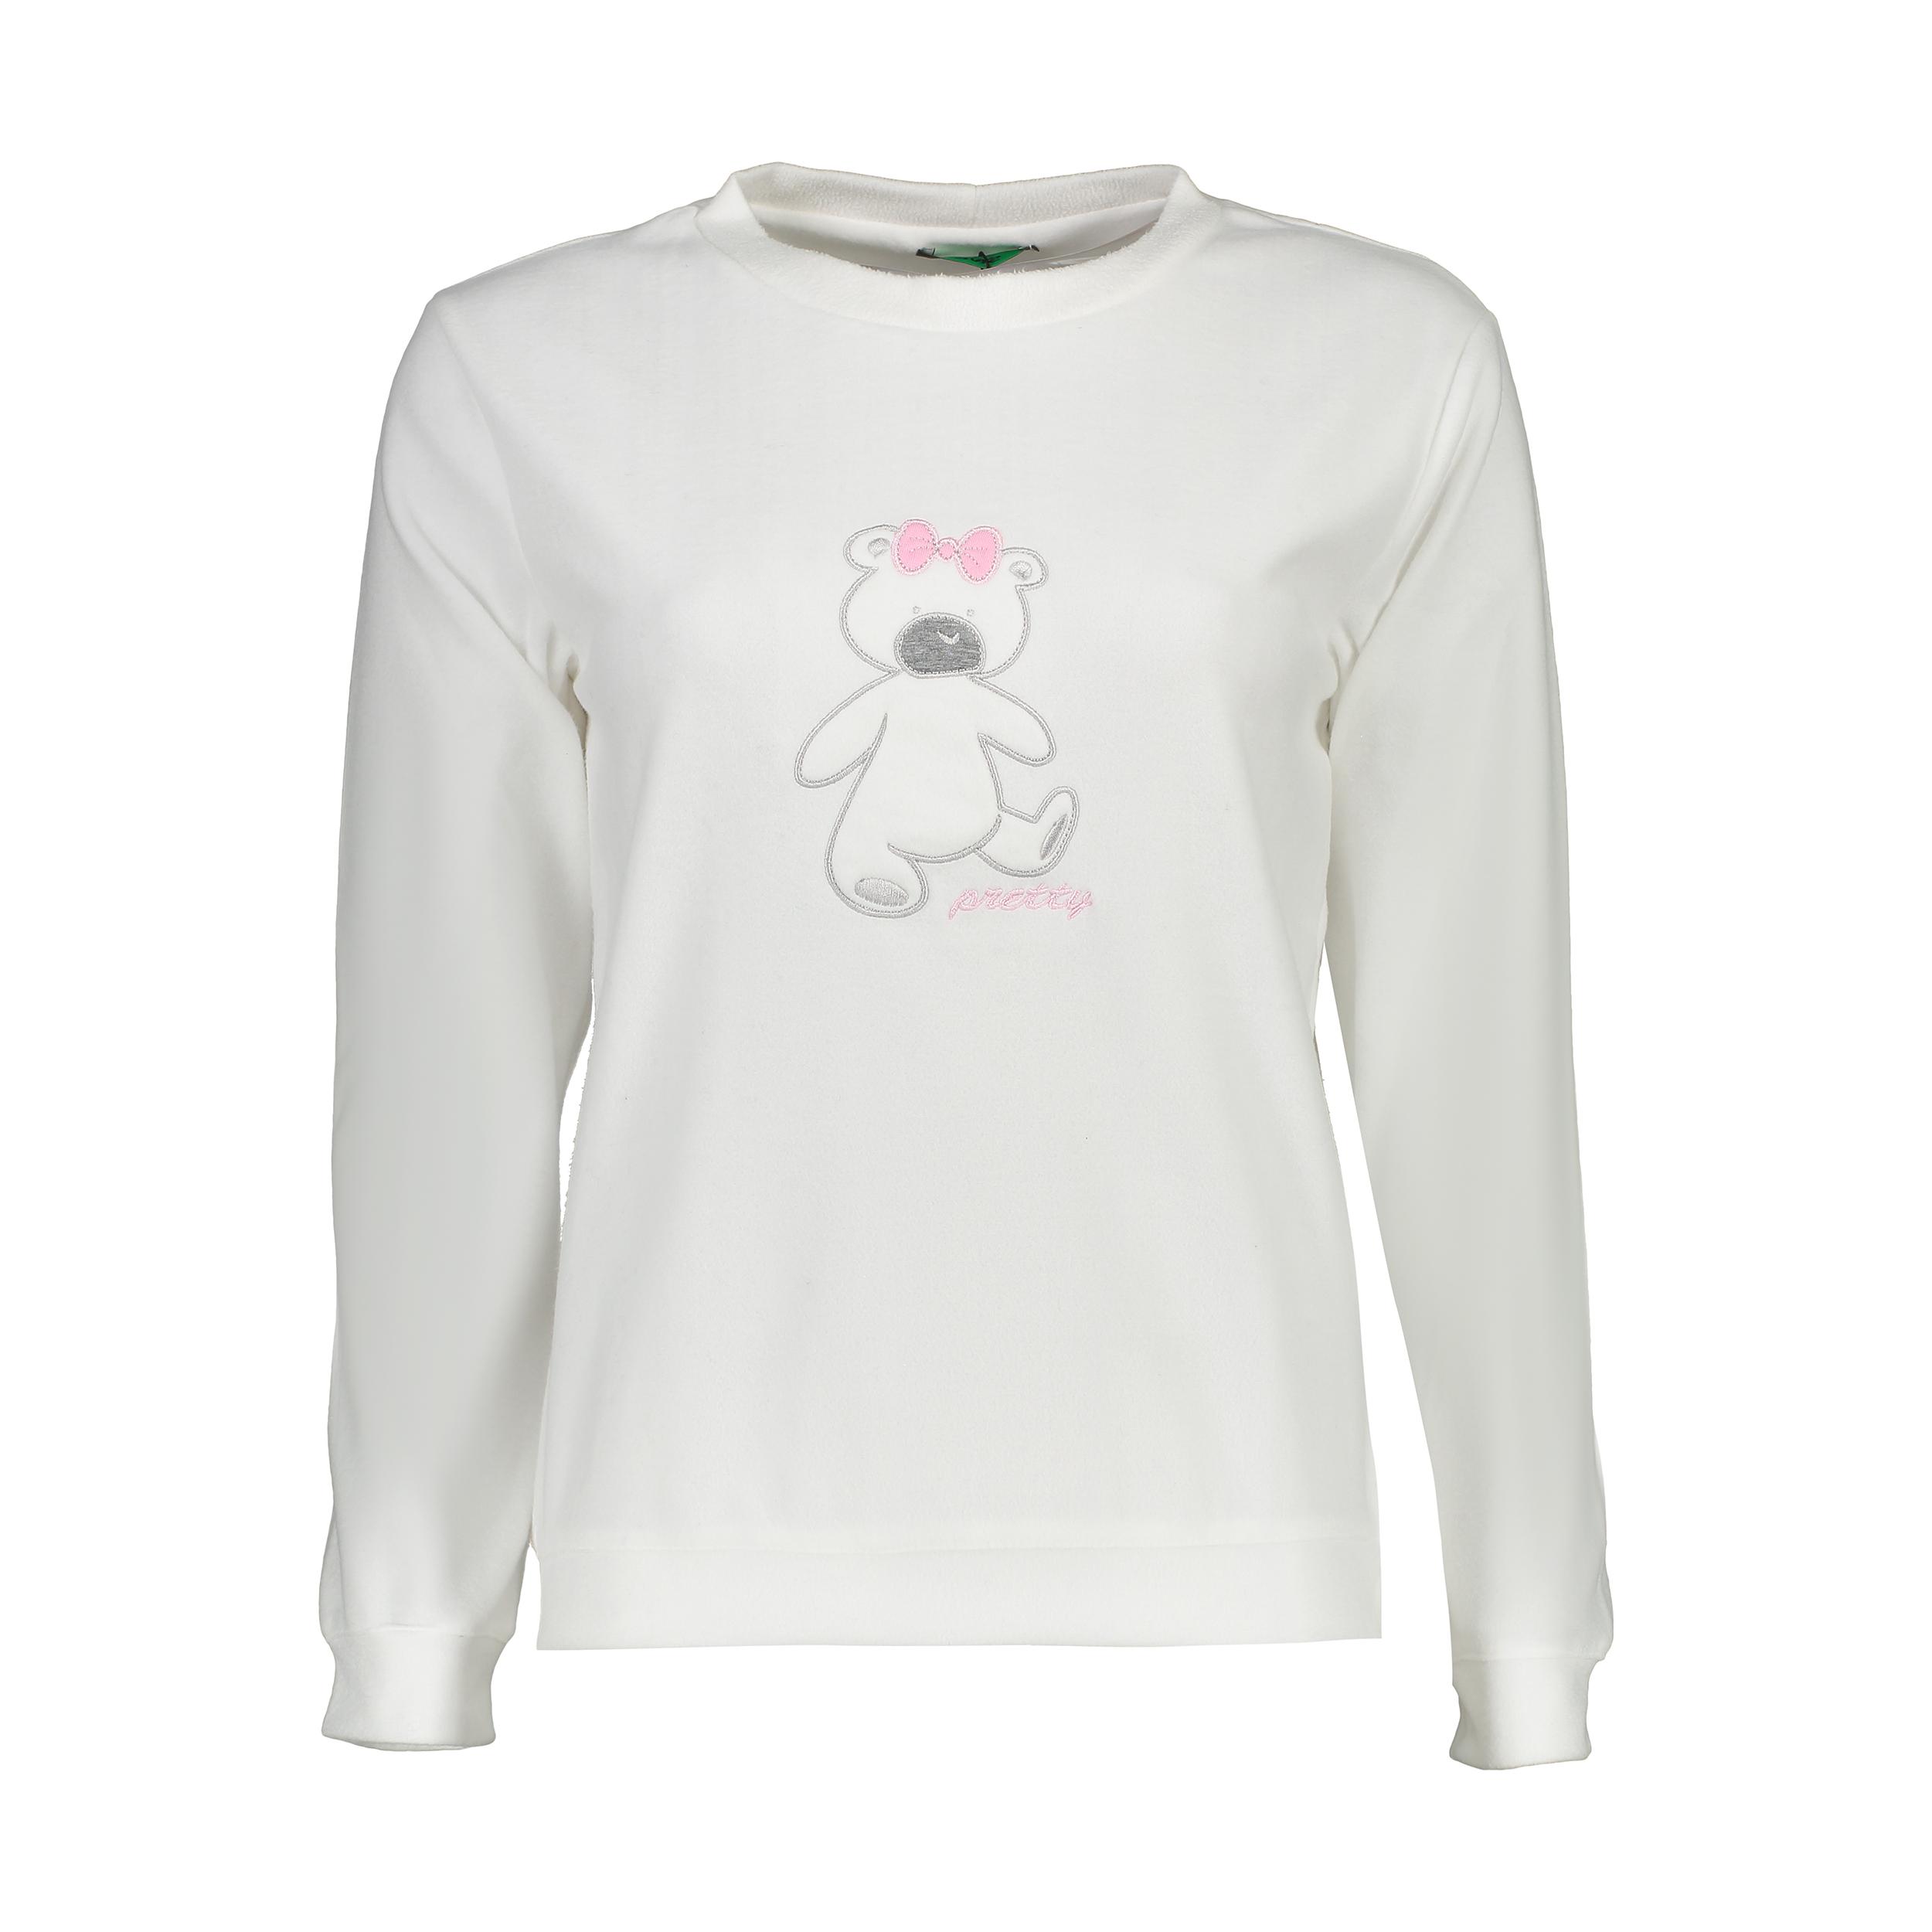 تی شرت راحتی زنانه آر ان اس مدل 1104016-01